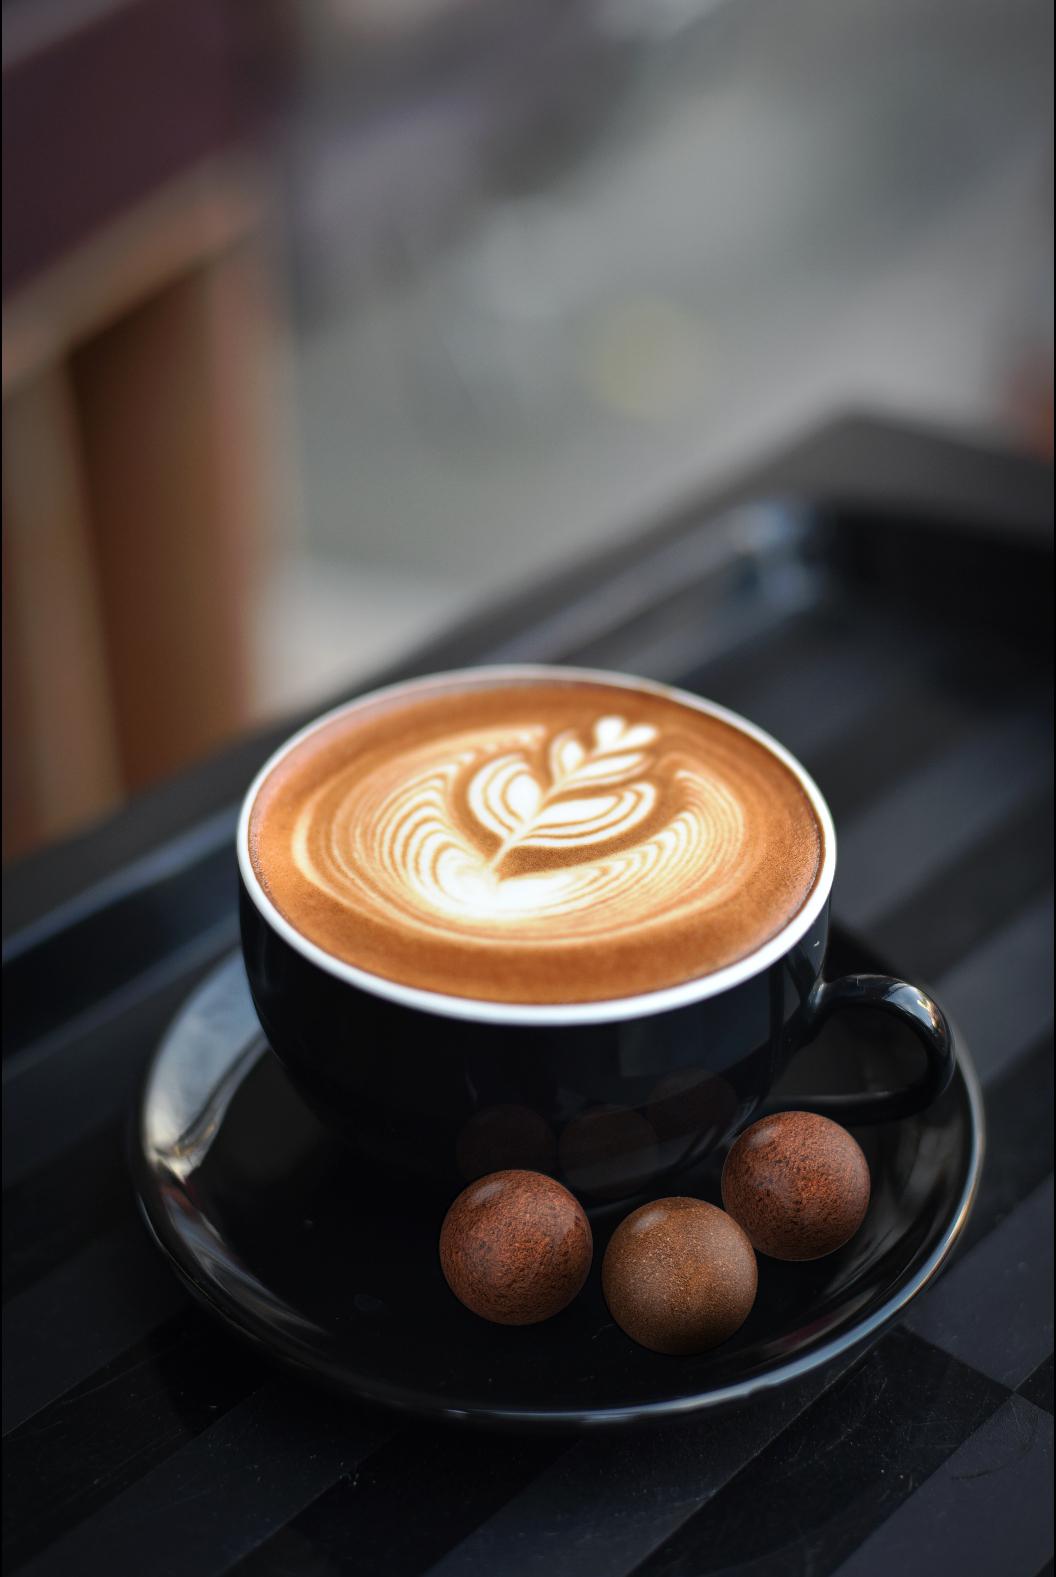 Coffee Capsule ecofriendly wasteless Food Innovation  coffee innovation Coffee coffeemaker Nespresso keurig singapore